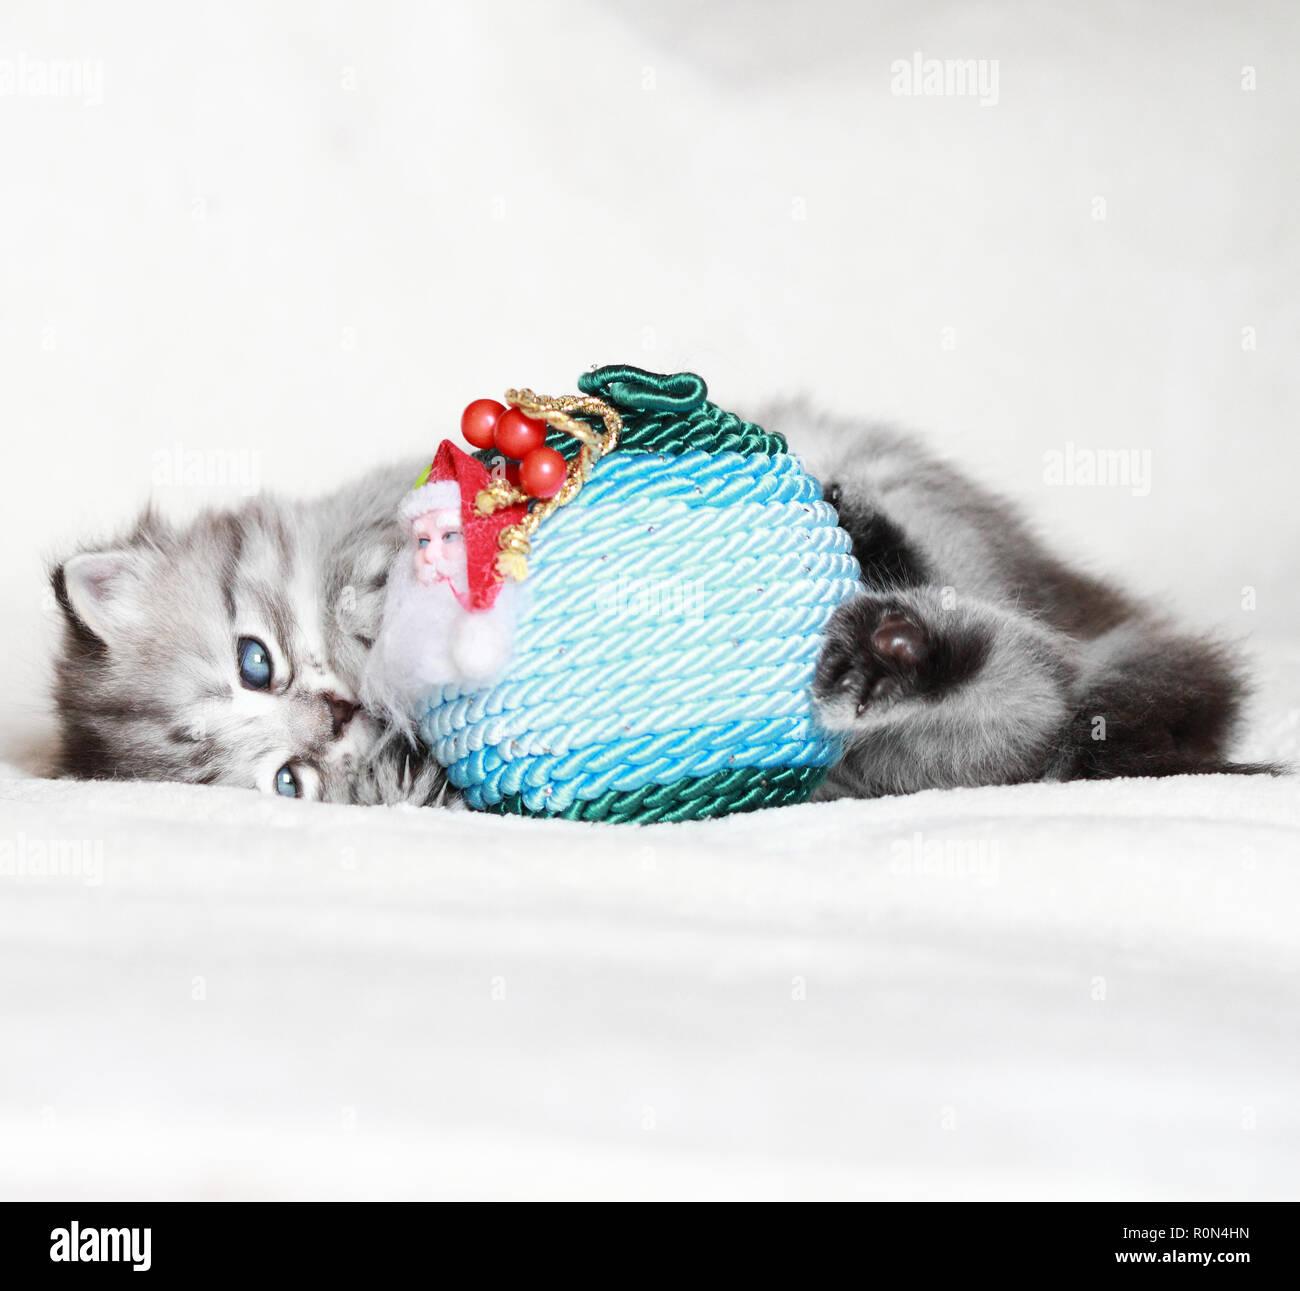 Tierno cachorro de gato en el tiempo de Navidad, jugando con decoración Imagen De Stock